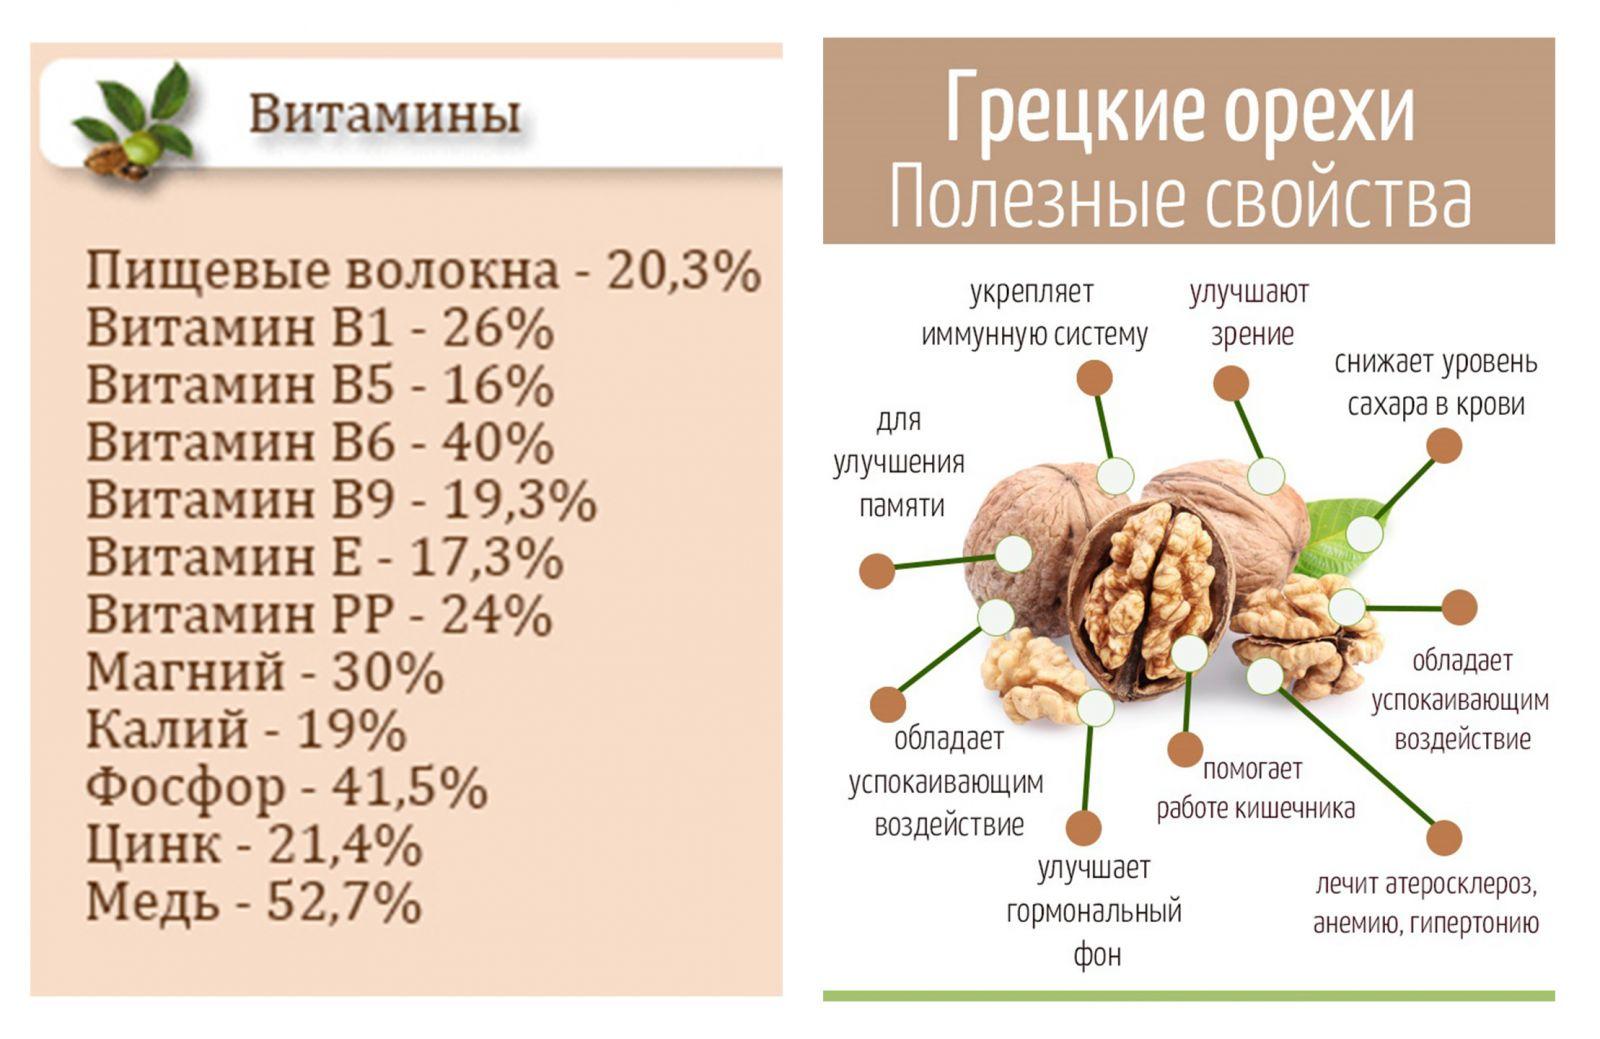 Витамины и микроэлементы в грецких орехах